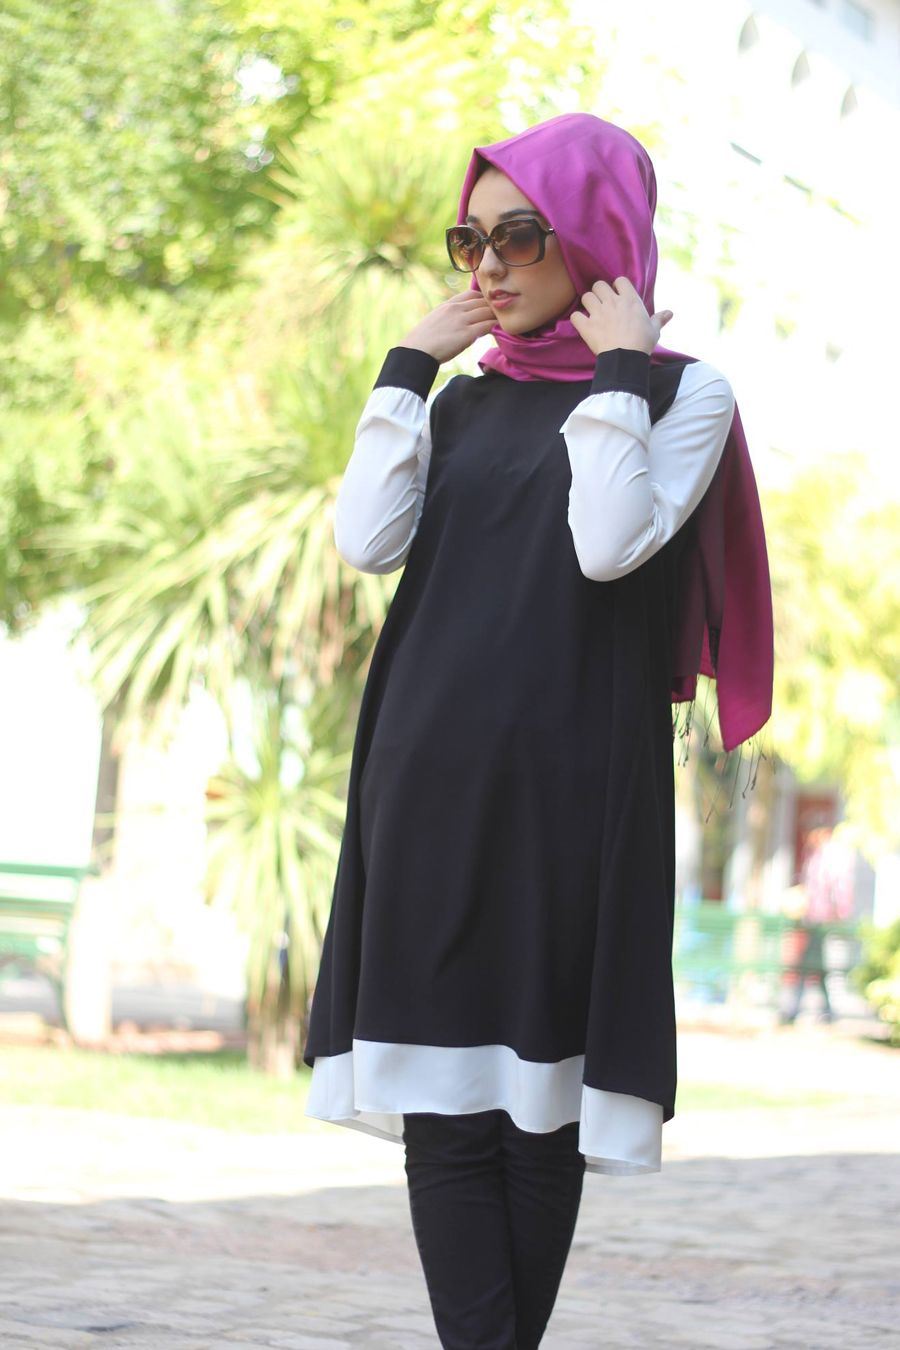 Siyah ve ekru çift renkli tunik-Gamze Polat özel tasarım ürünü olup astarsız olarak ince krep kumaştan üretilmiştir.